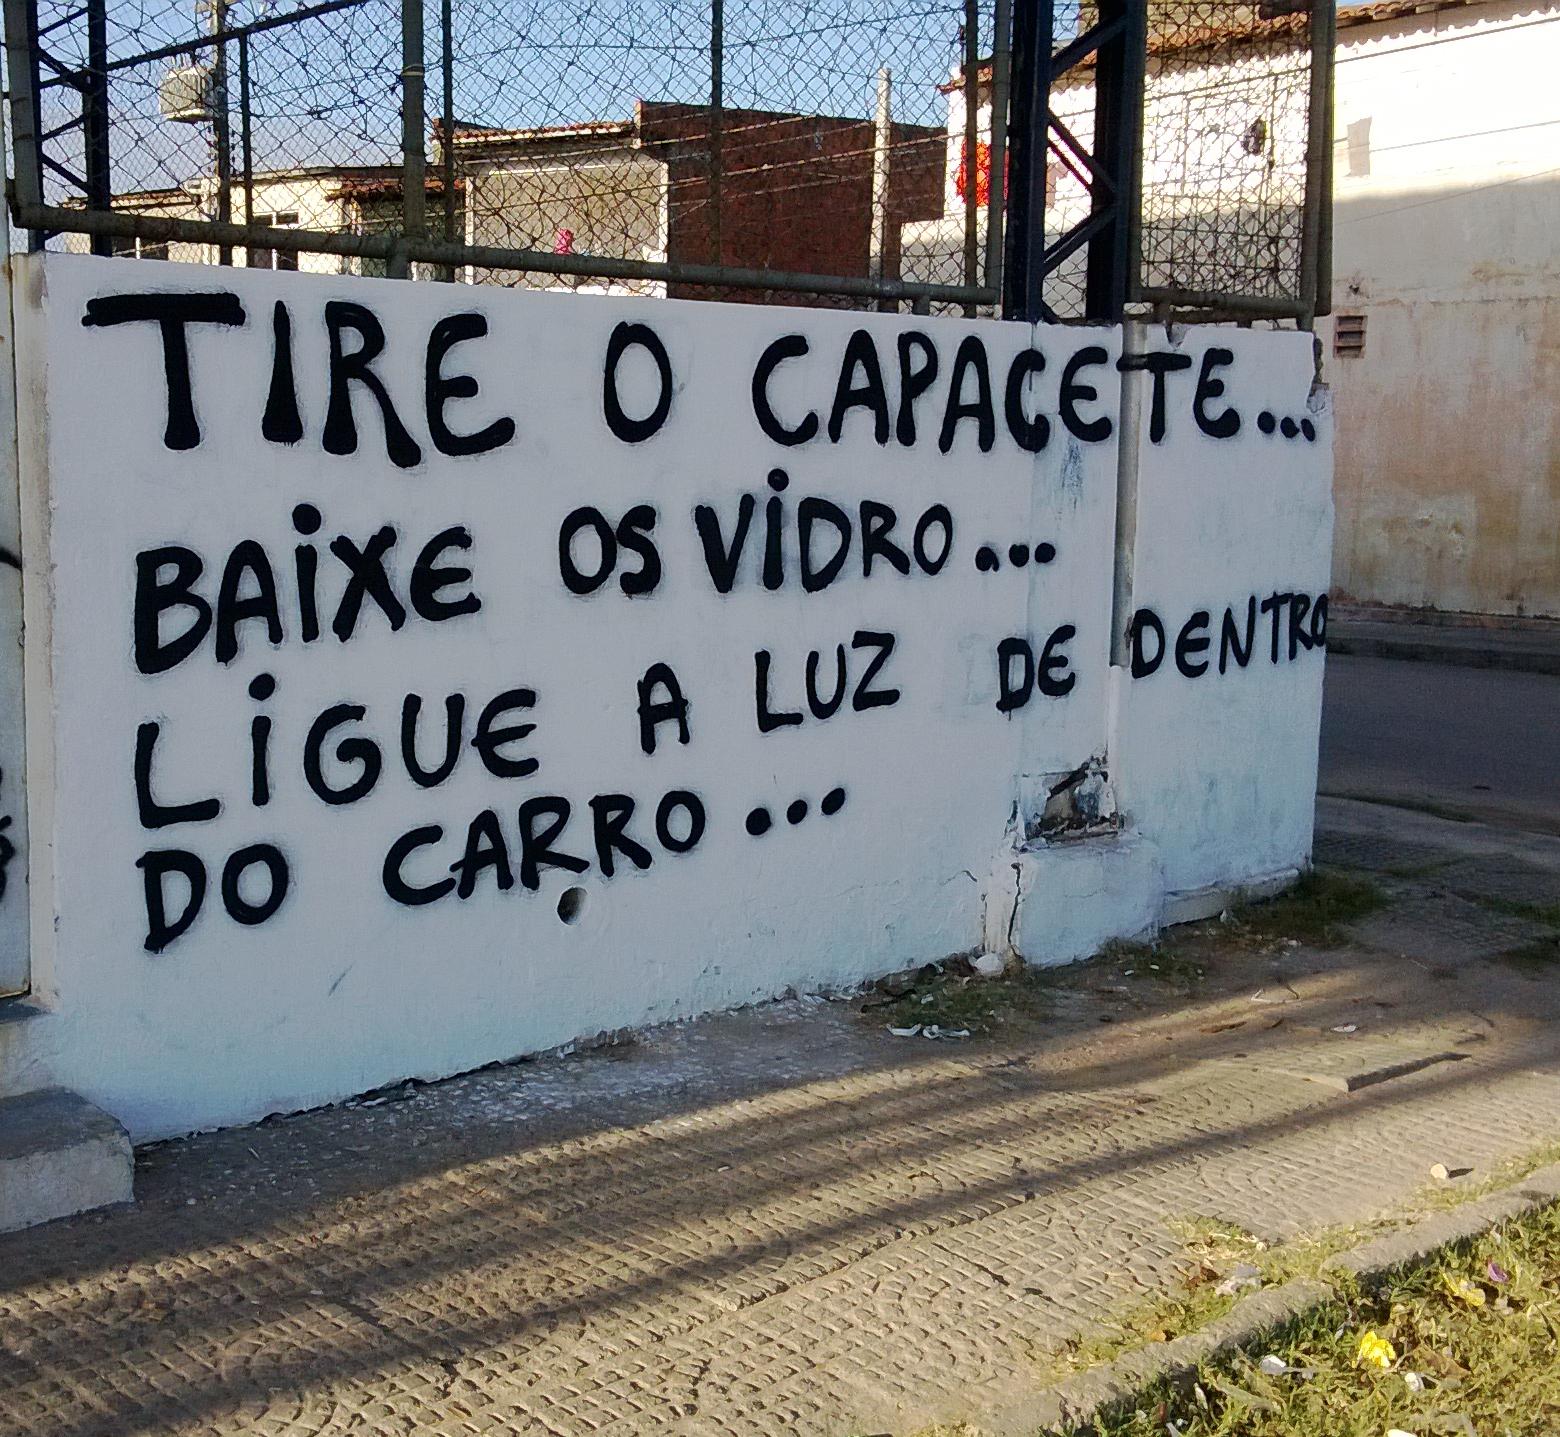 Mensagem amedronta motoristas que trafegam na área (FOTO: Divulgação)